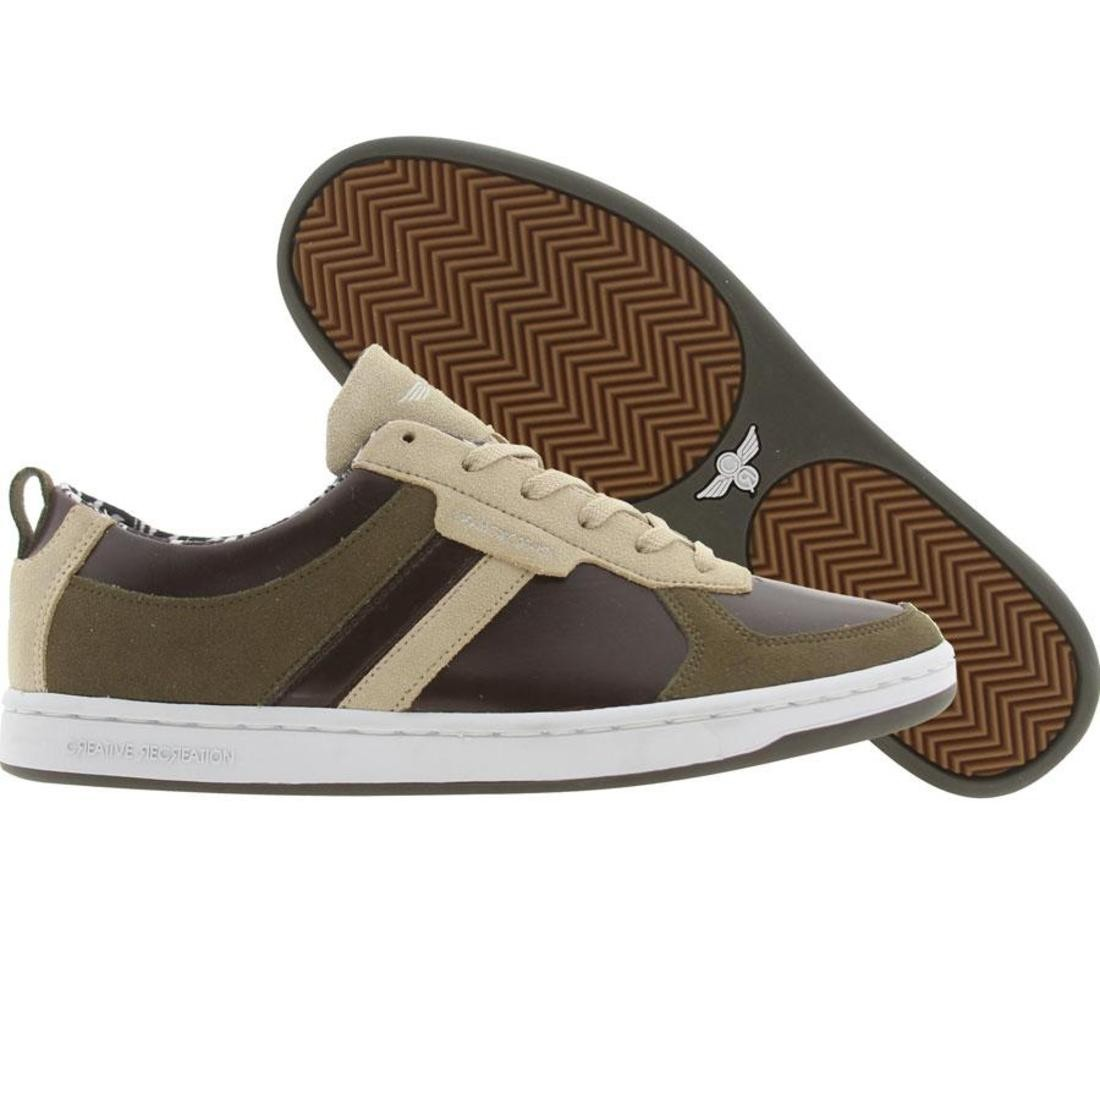 【海外限定】茶 ブラウン メンズ靴 スニーカー 【 BROWN CREATIVE RECREATION DICOCO LOW KHAKI MILITARY GREEN 】